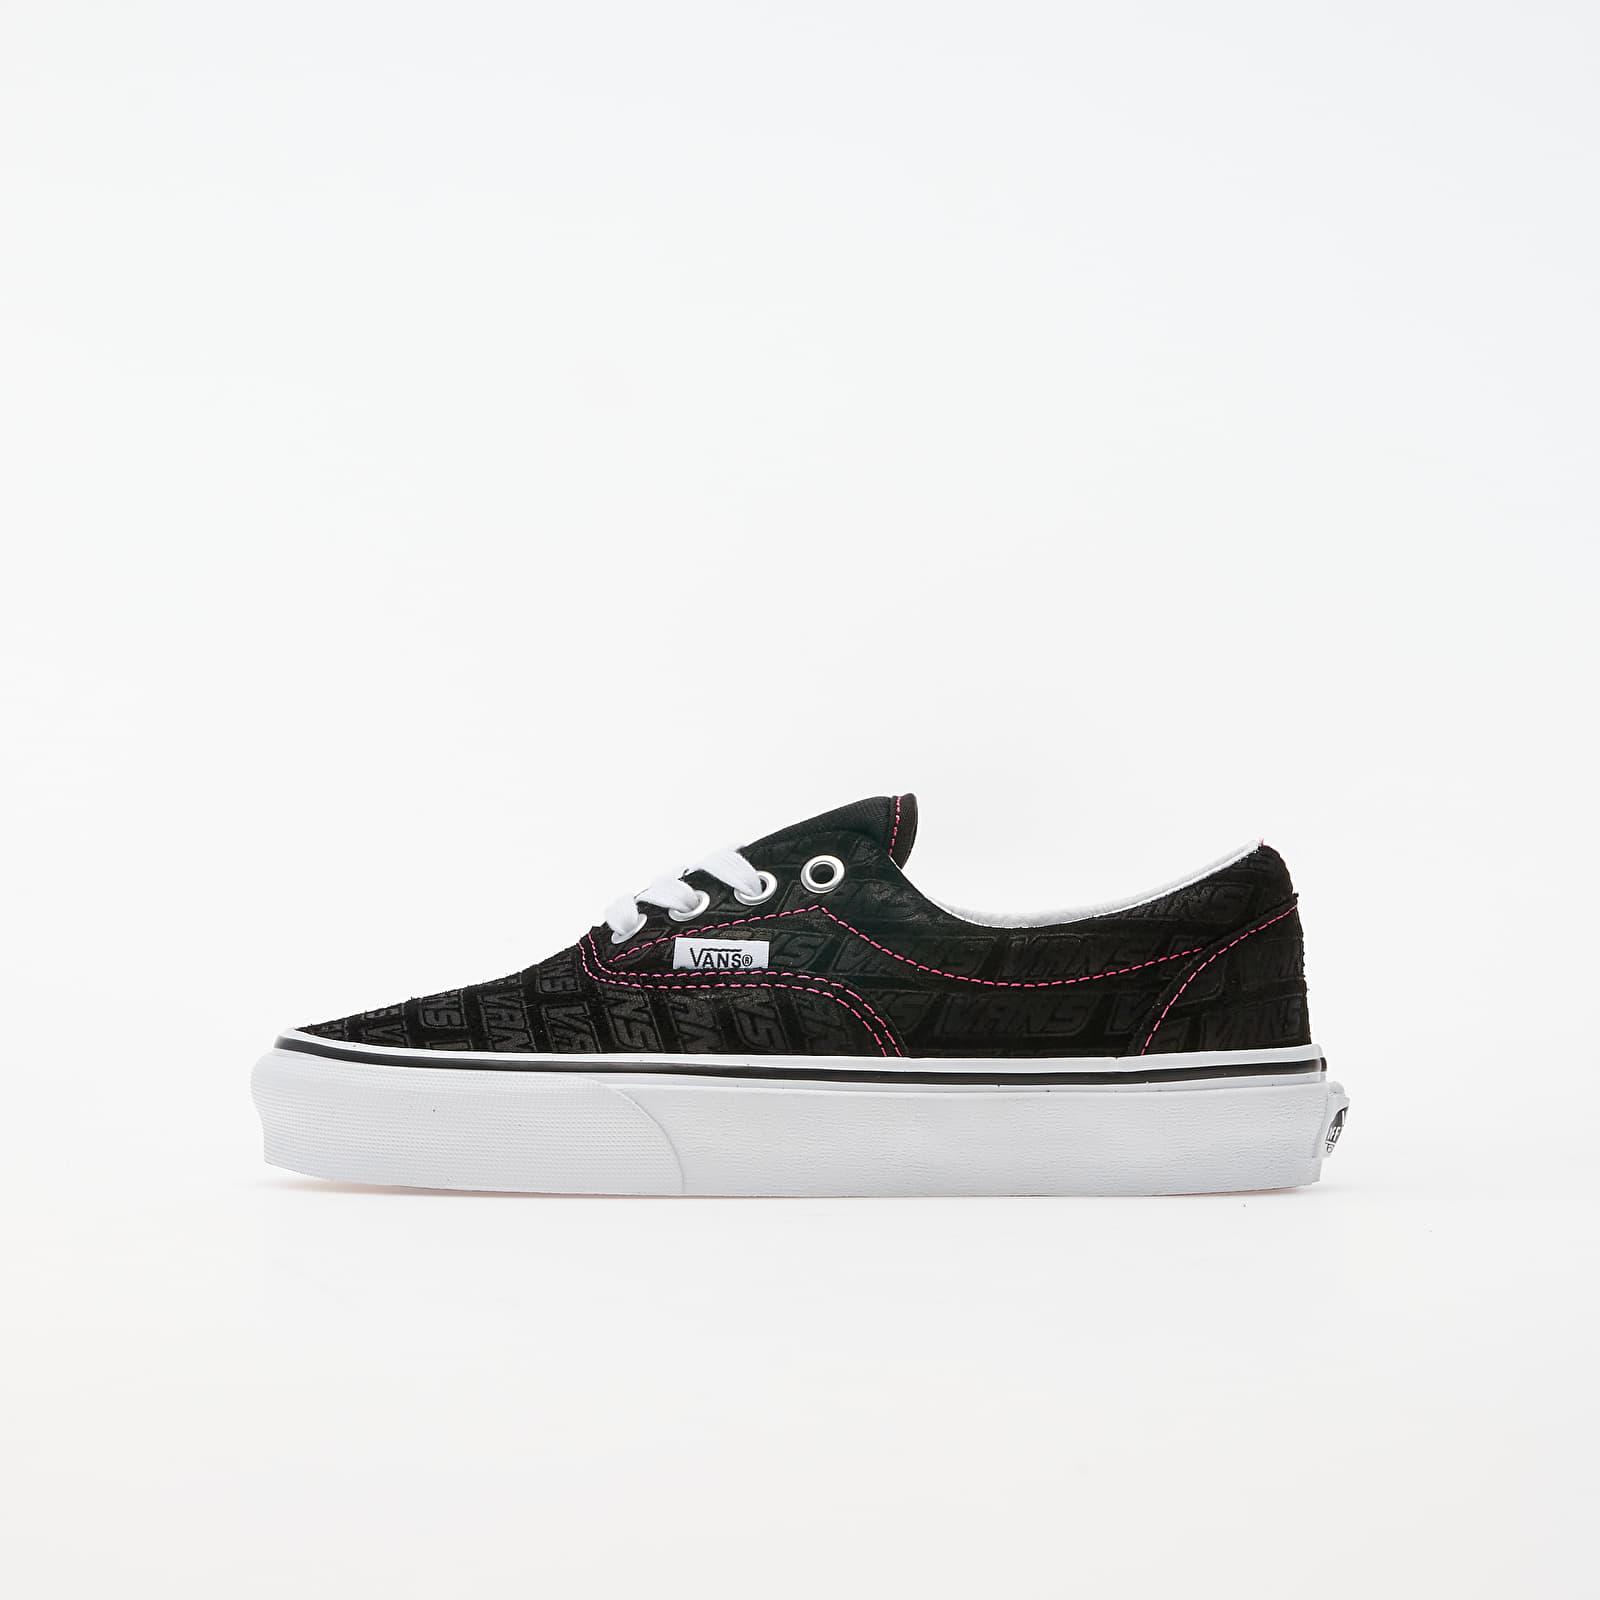 Férfi cipők Vans Era (Vans Emboss) Black/ True White